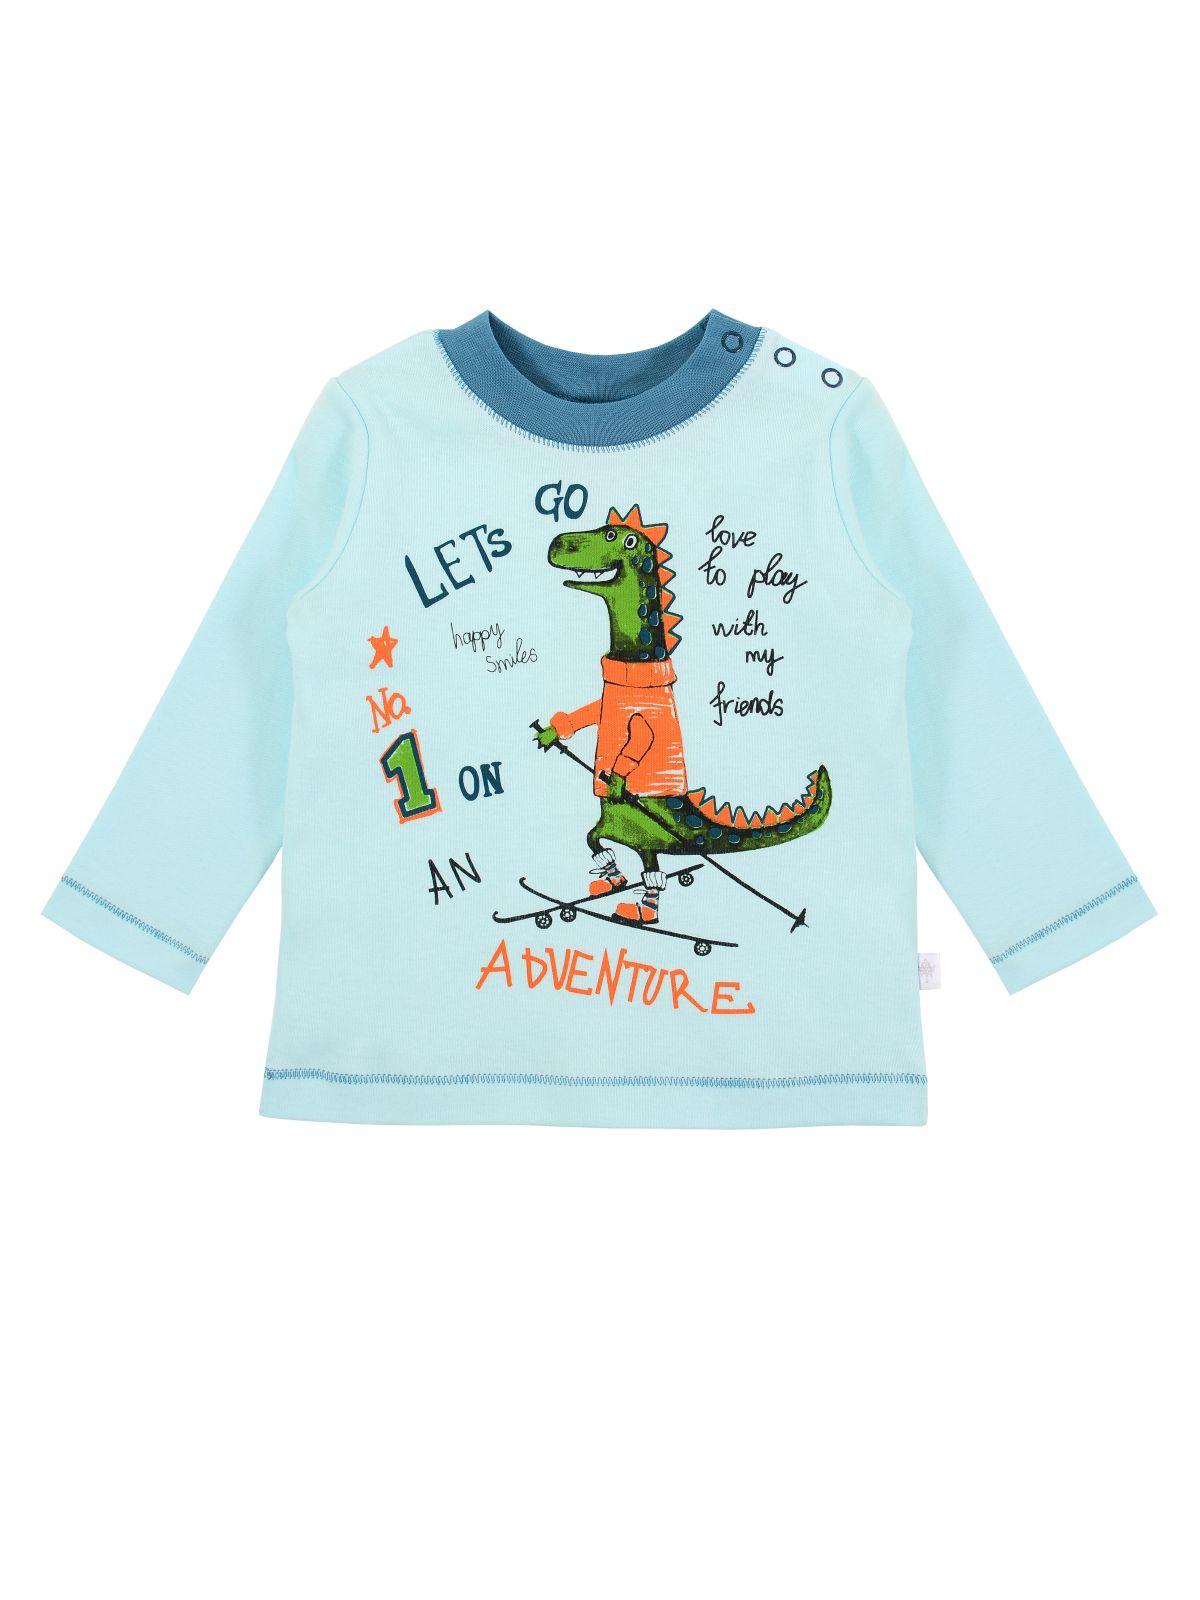 Купить Джемпер.для мальчика Мамуляндия 19-935 Интерлок, Св бирюзовый р. 92, Кофточки, футболки для новорожденных